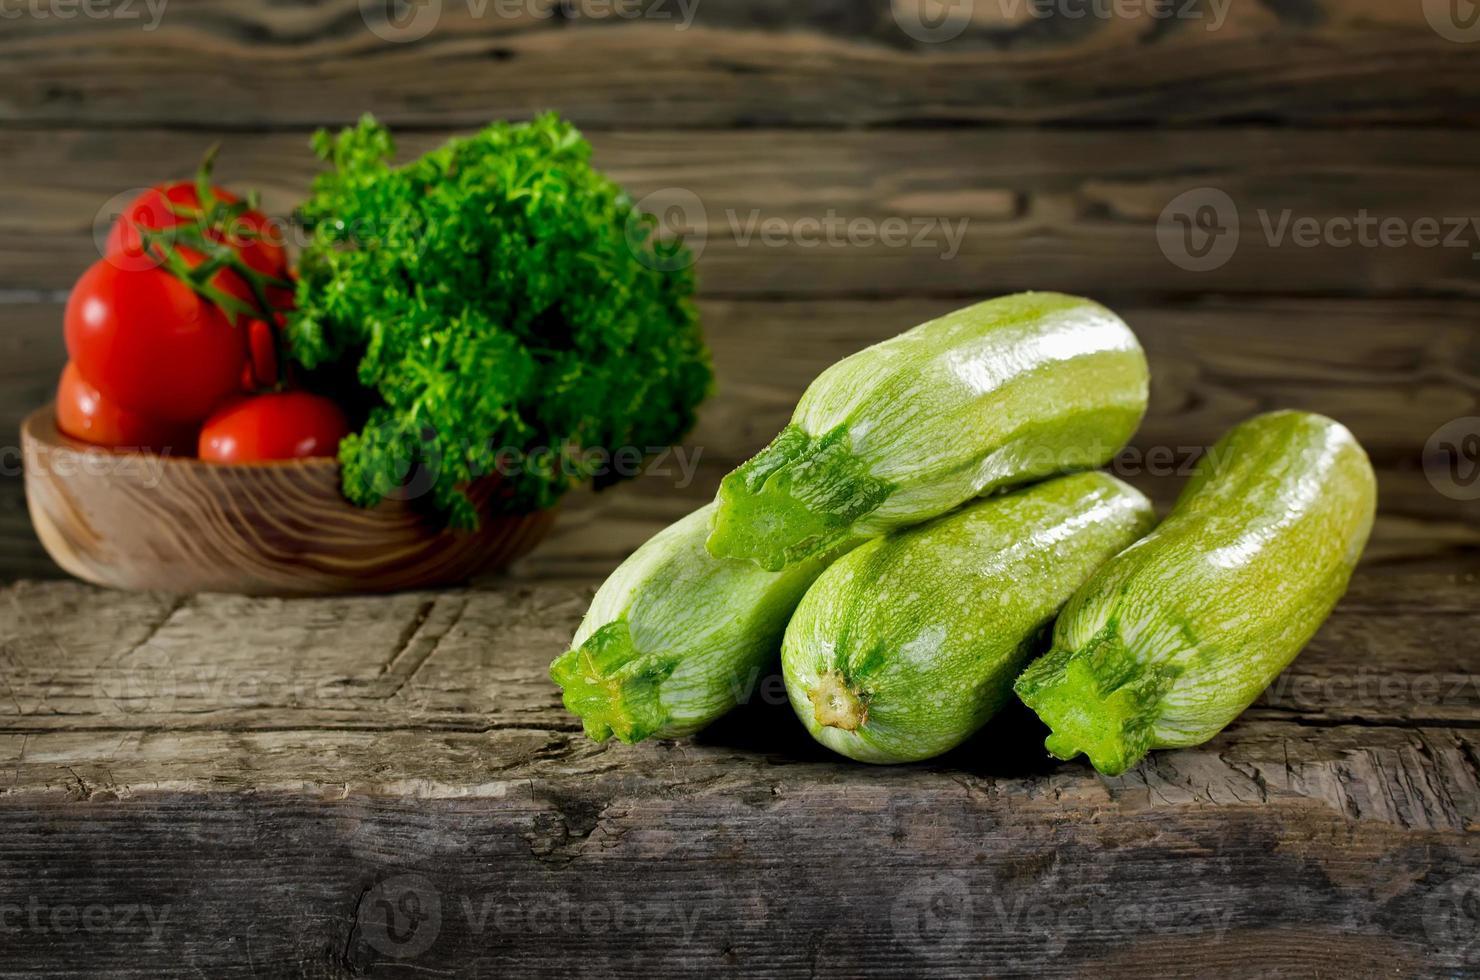 zucchine, pomodori e prezzemolo su fondo in legno. zucchine cl foto